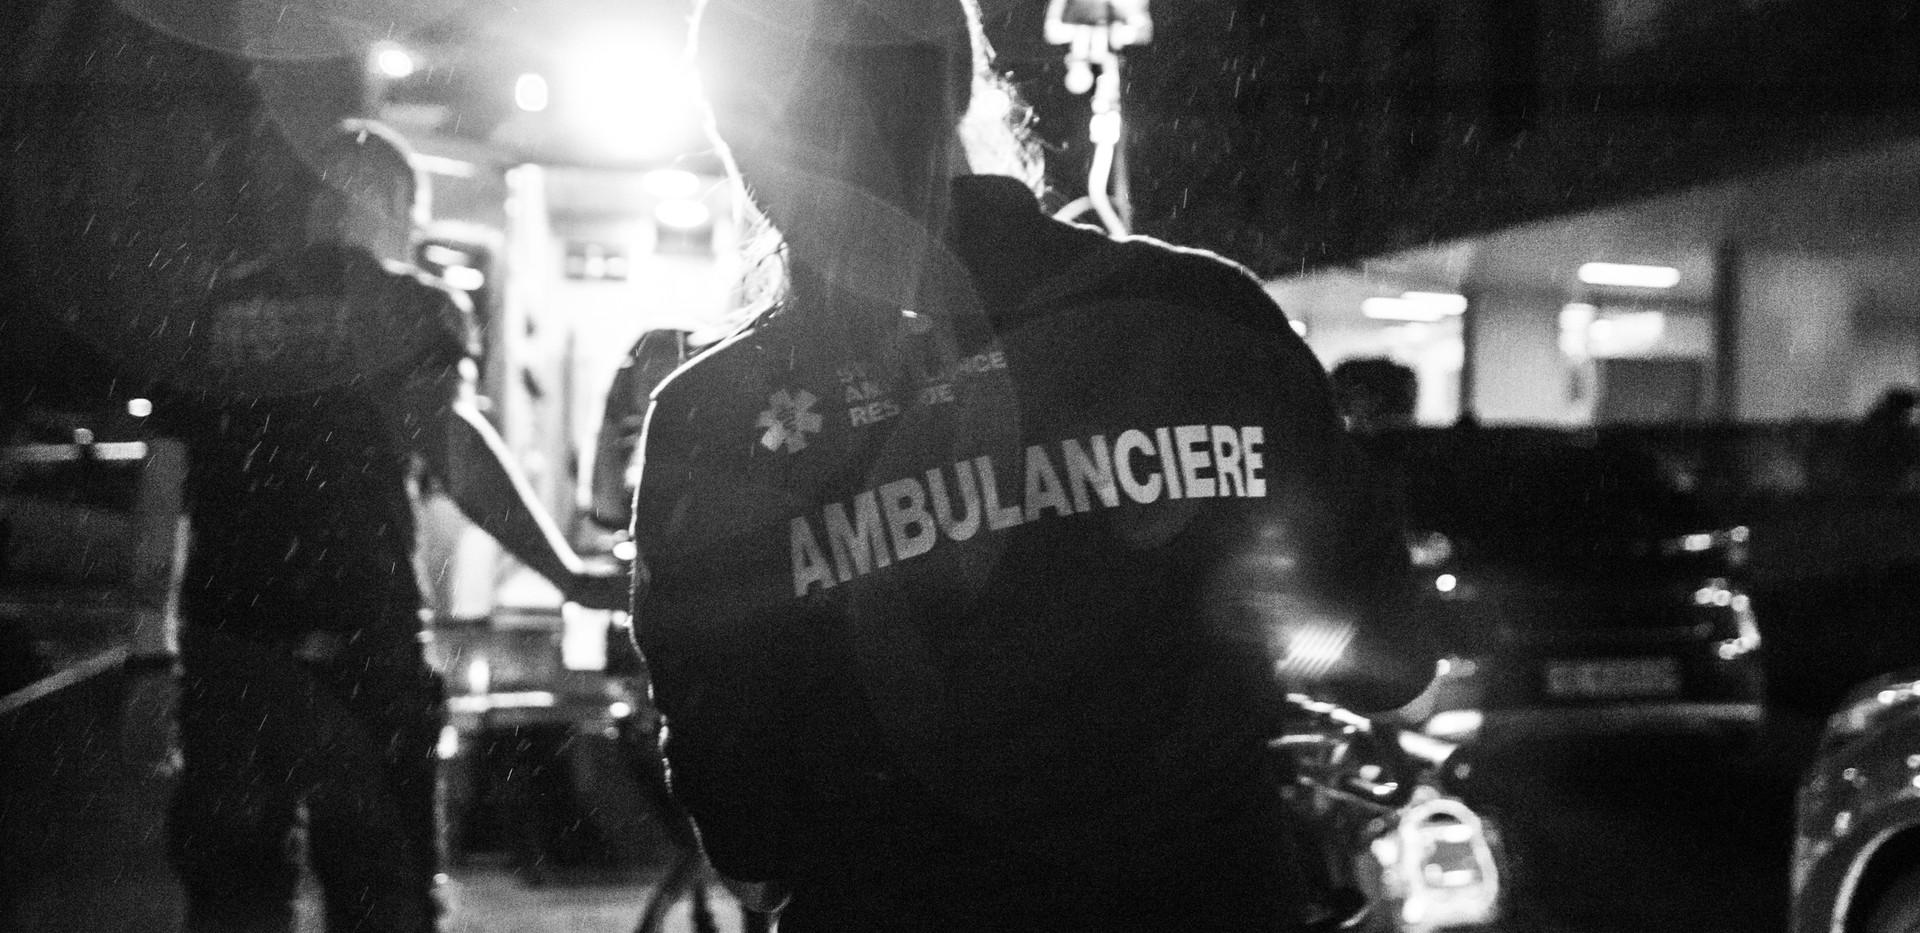 Les ambulanciers - Reportage en cours (2019)